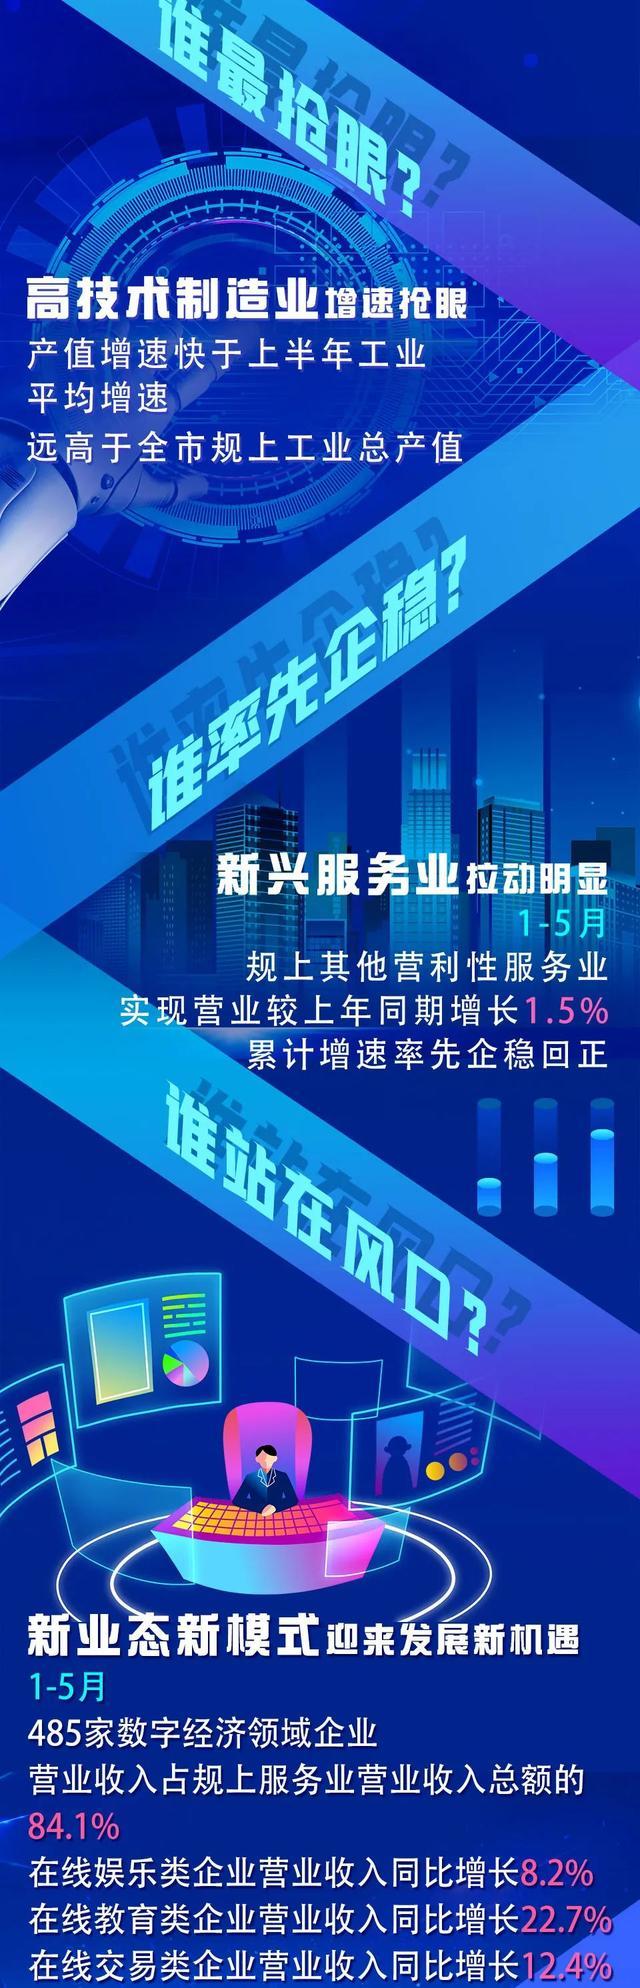 成都市高新区欧尚_聚焦|东湖高新区上半年GDP总量、增速均为武汉市第一_成都高新 ...